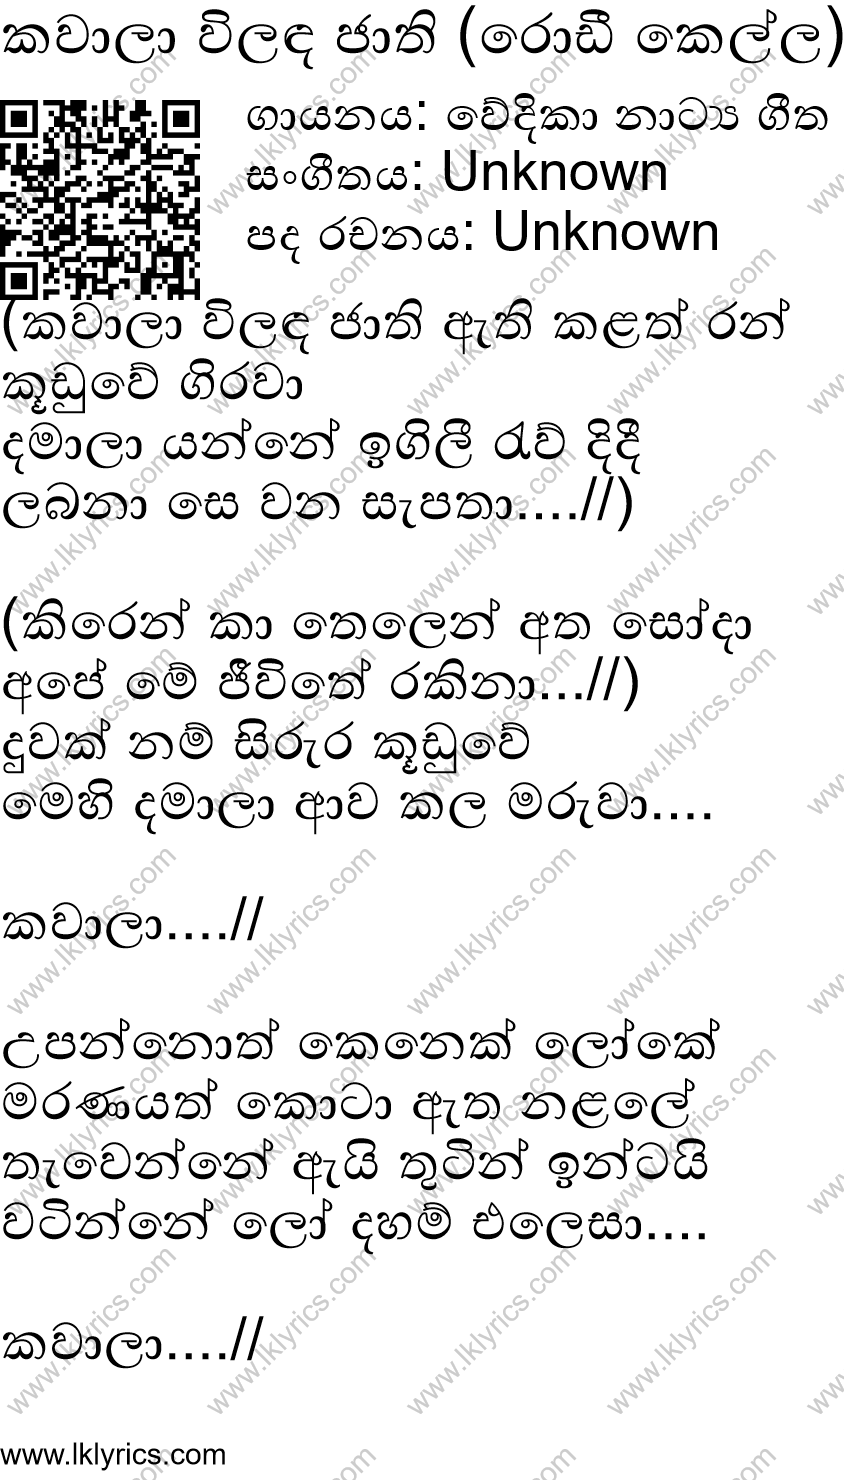 Baranas puraye (maname) lyrics lk lyrics.